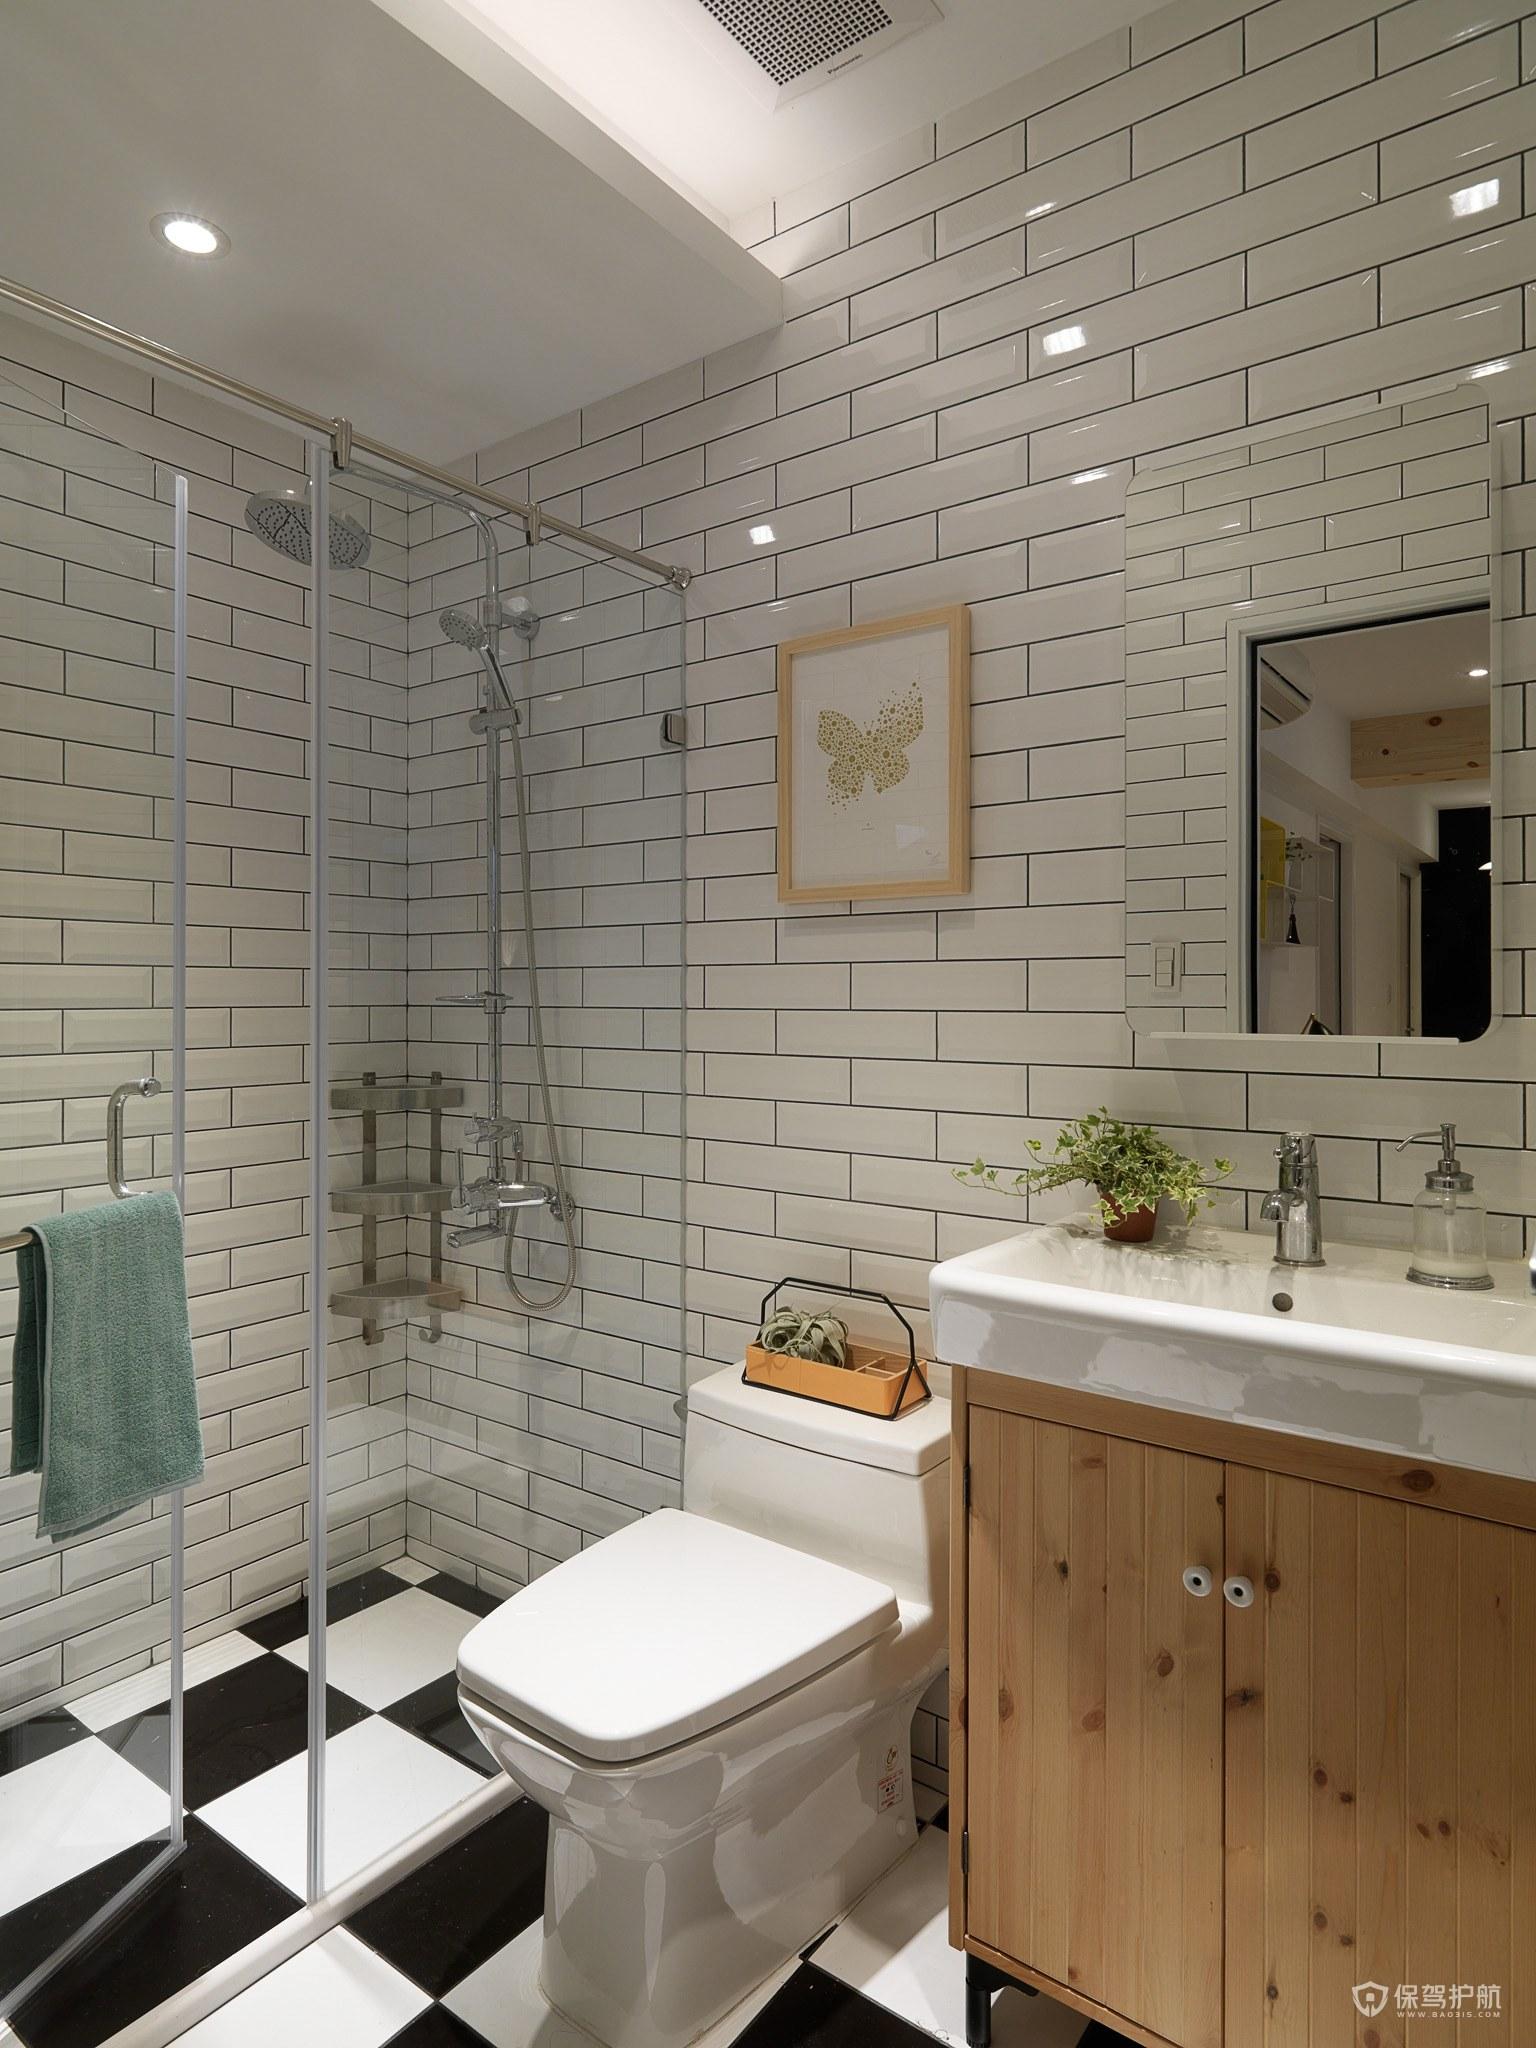 淋浴房优缺点有哪些?卫生间装淋浴房好吗?